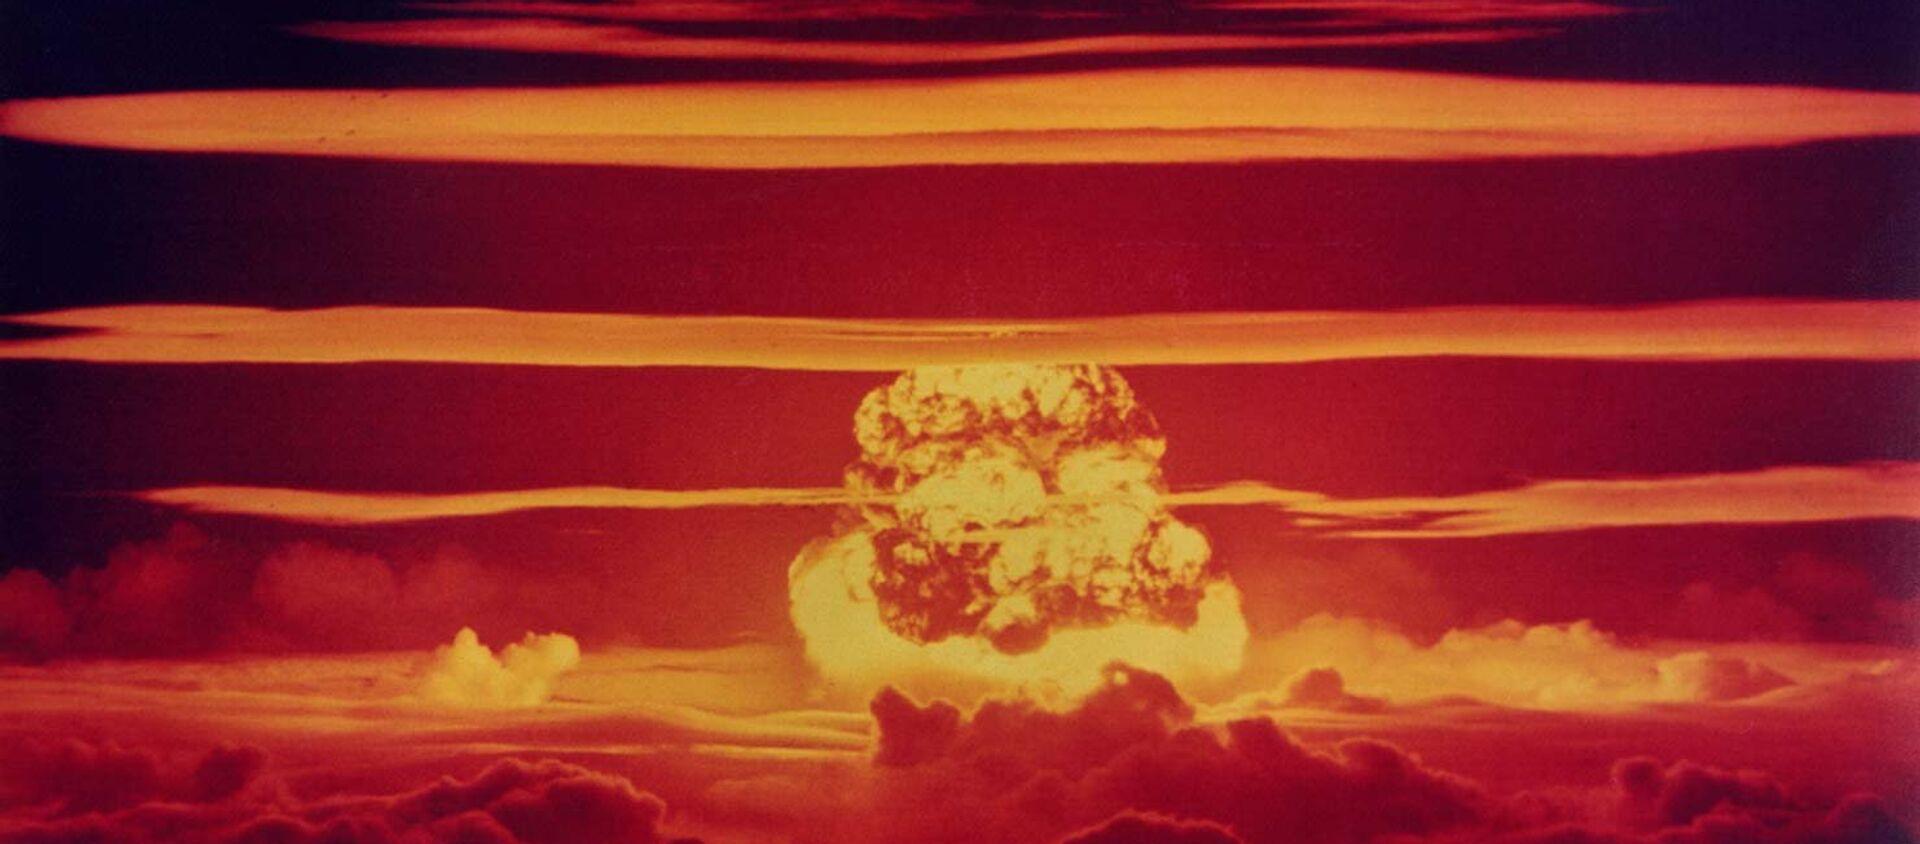 Bom nguyên tử - Sputnik Việt Nam, 1920, 23.09.2021